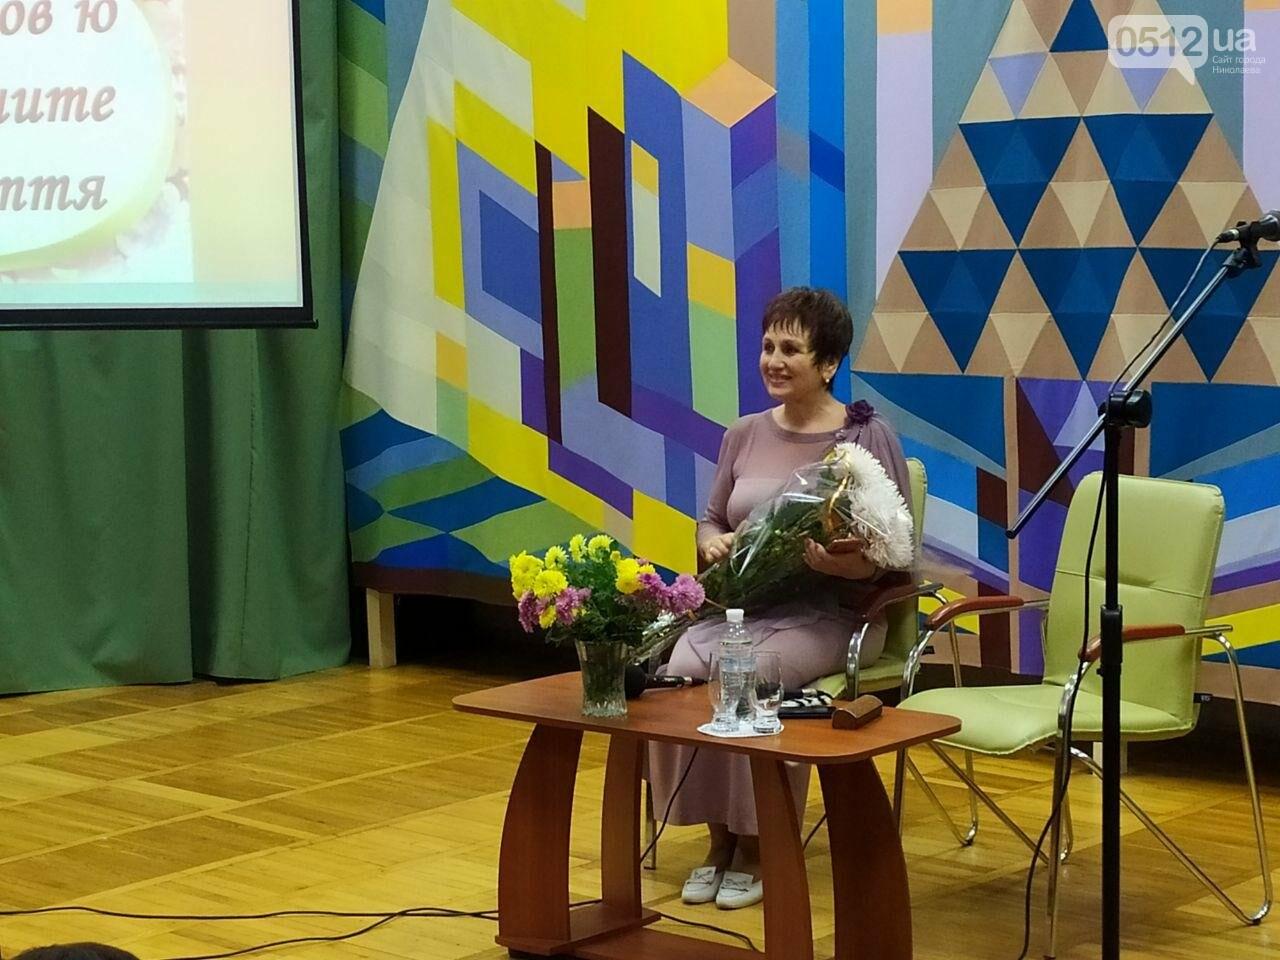 В Николаеве прошел творческий вечер известной писательницы Марущак, - ФОТО, фото-8